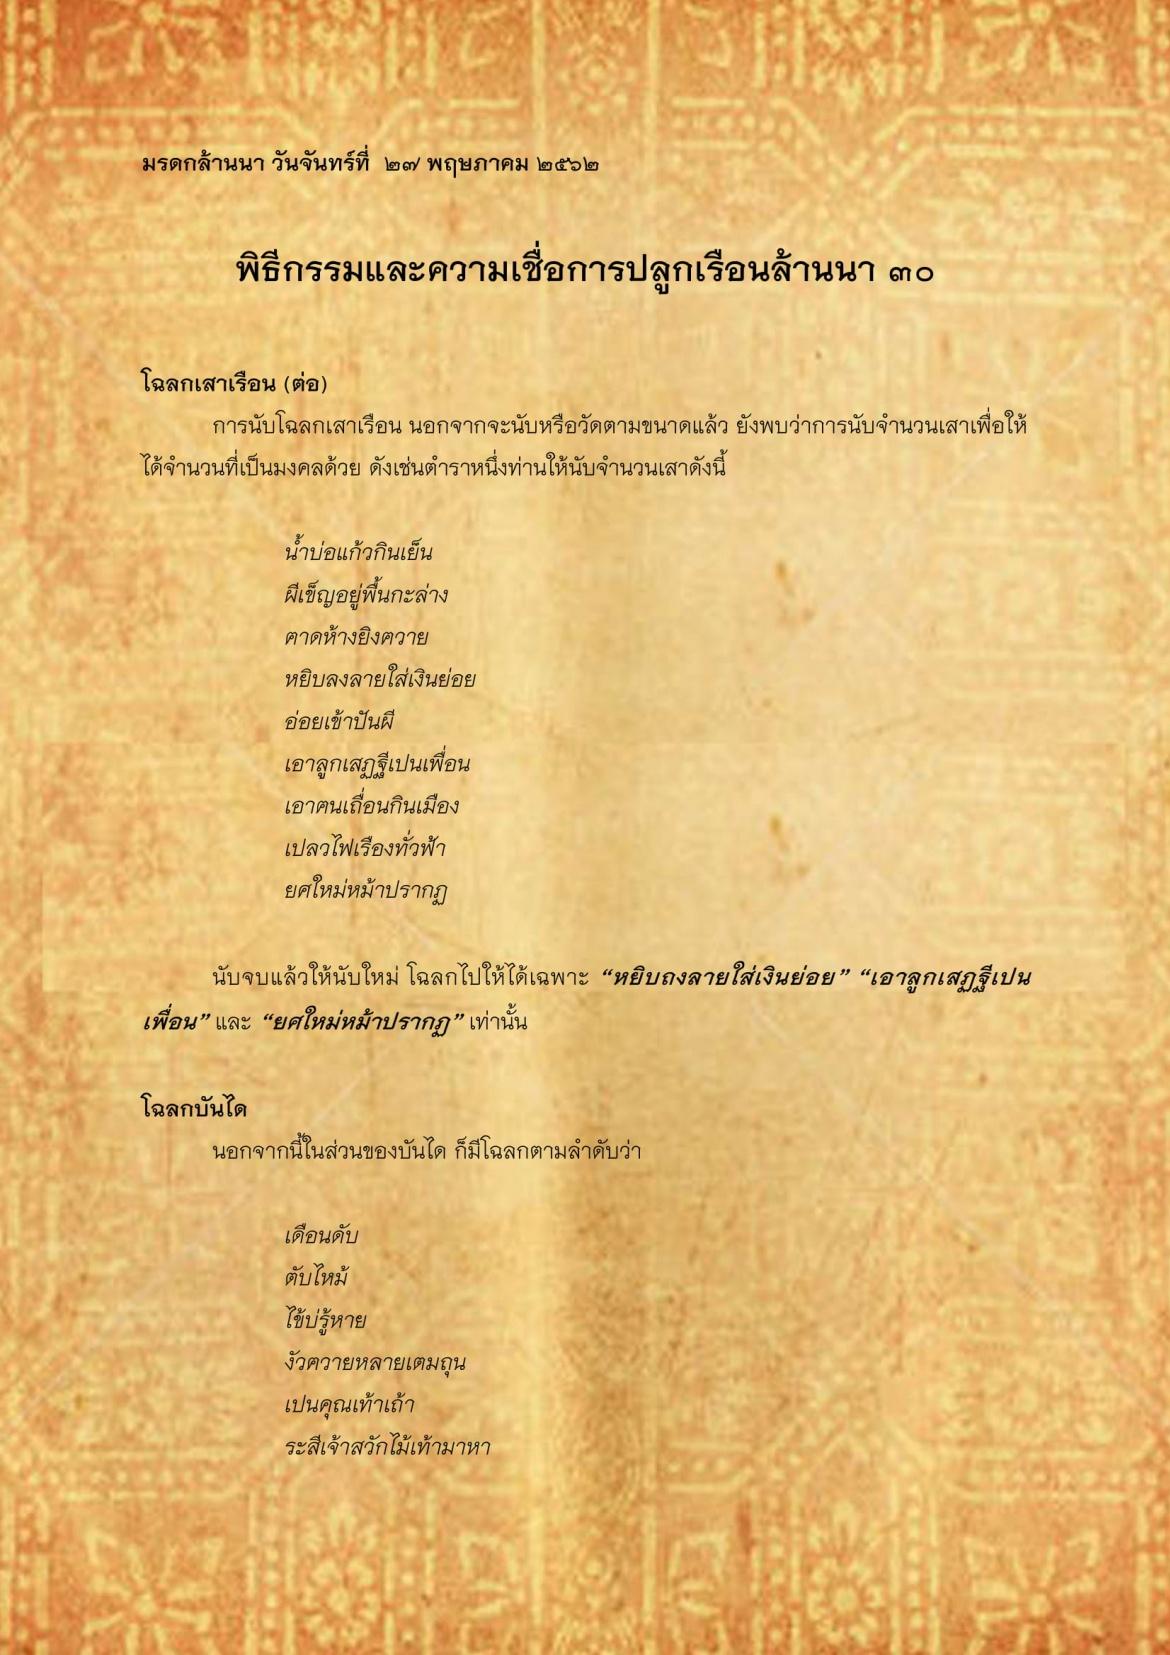 พิธีกรรมเเละความเชื่อการปลูกเรือนล้านนา(30) - 27 พฤษภาคม 2562